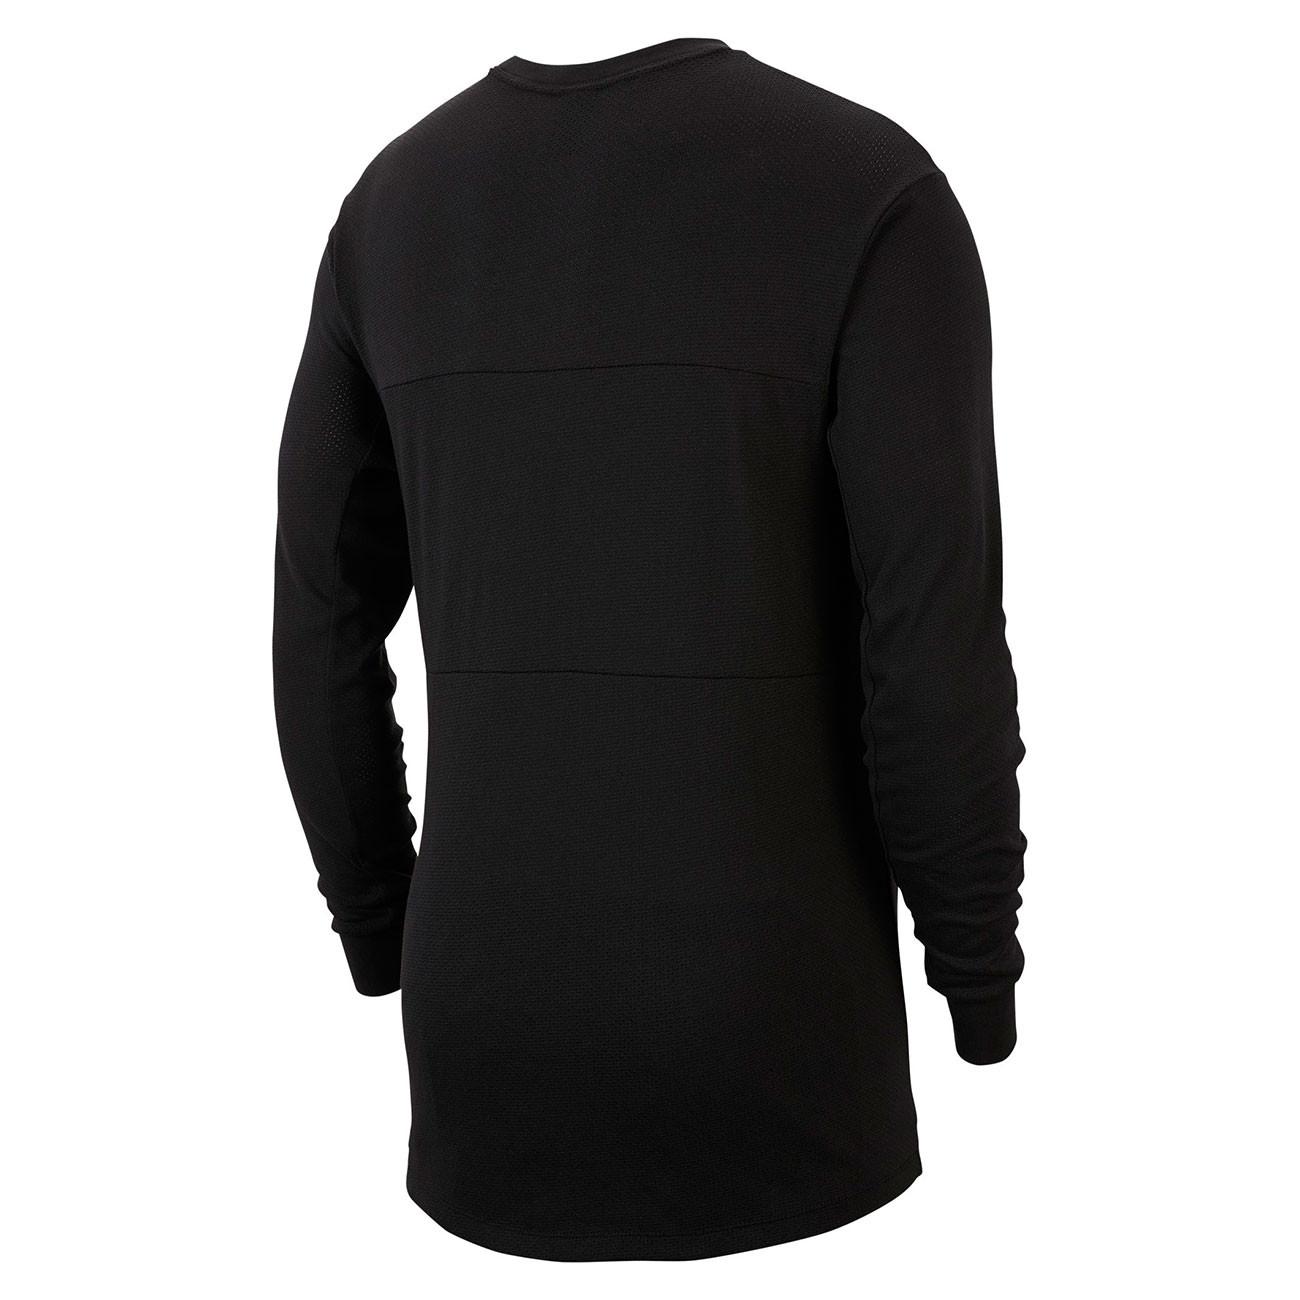 2d17ec168621 Tričko Nike SB Mesh Ls black white